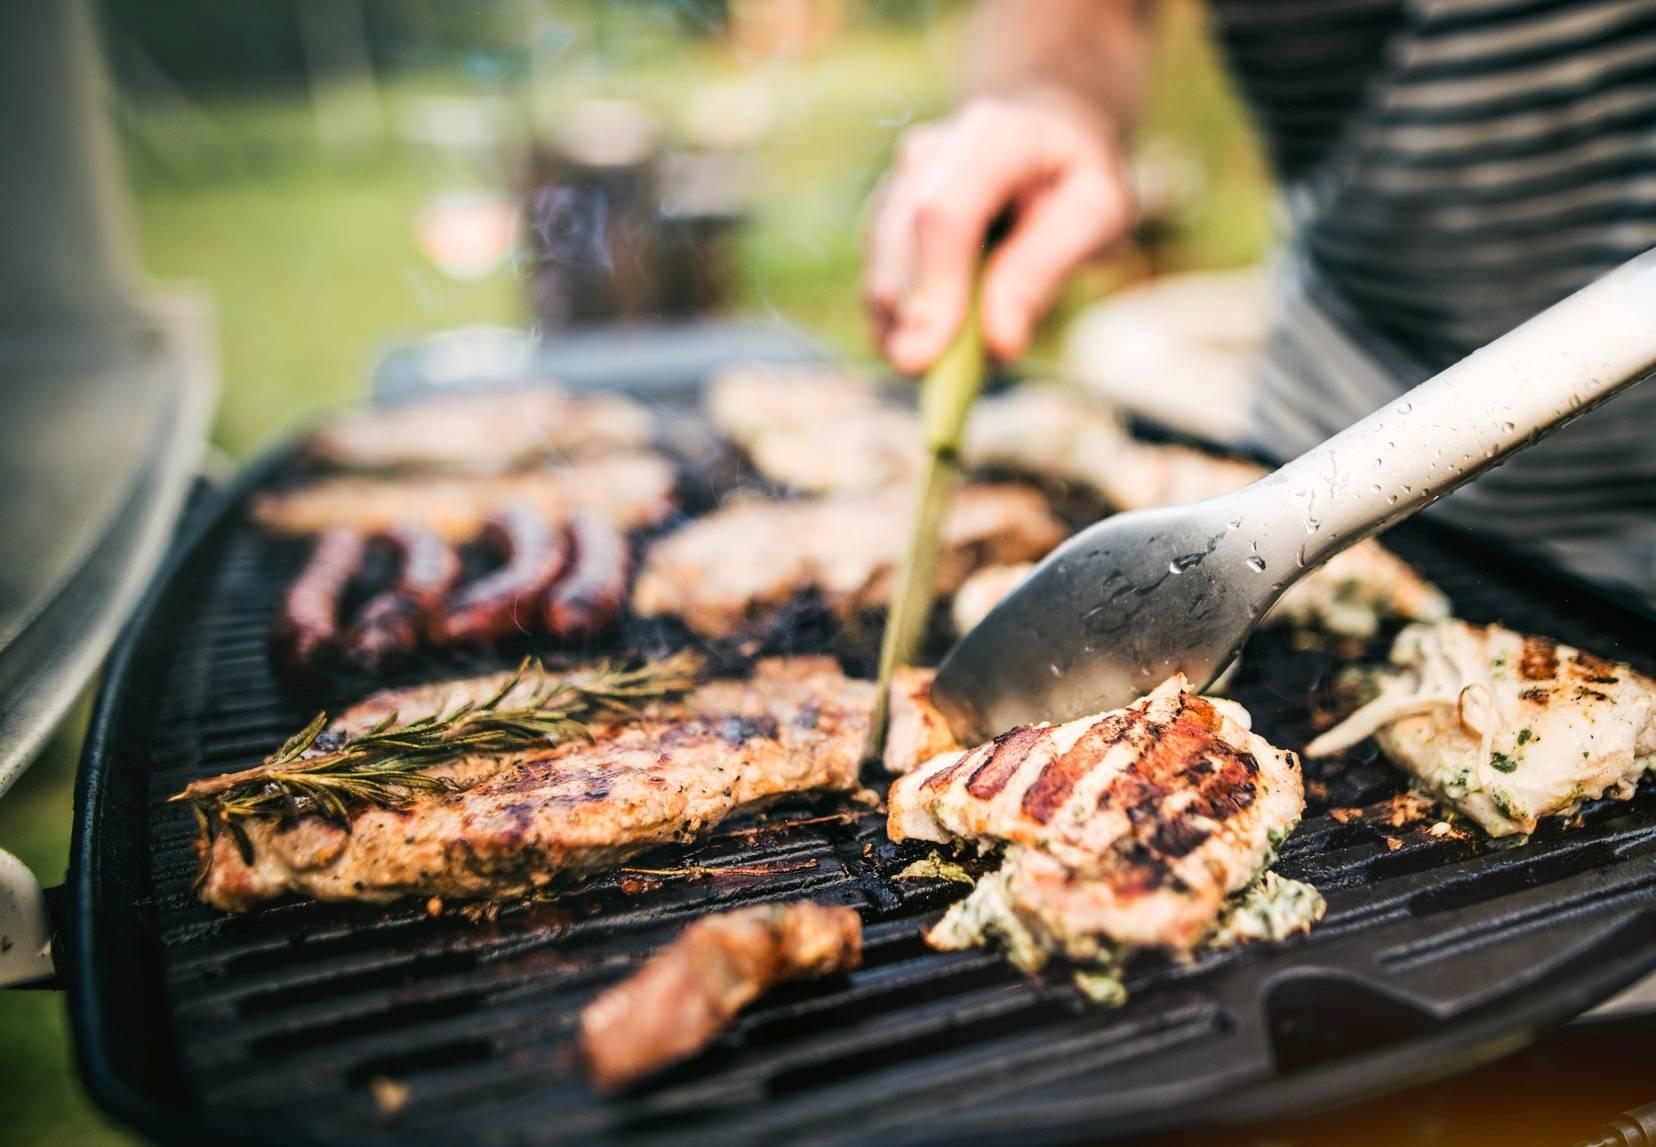 Grillowane jedzenie - czy jest bezpieczne i zdrowe?